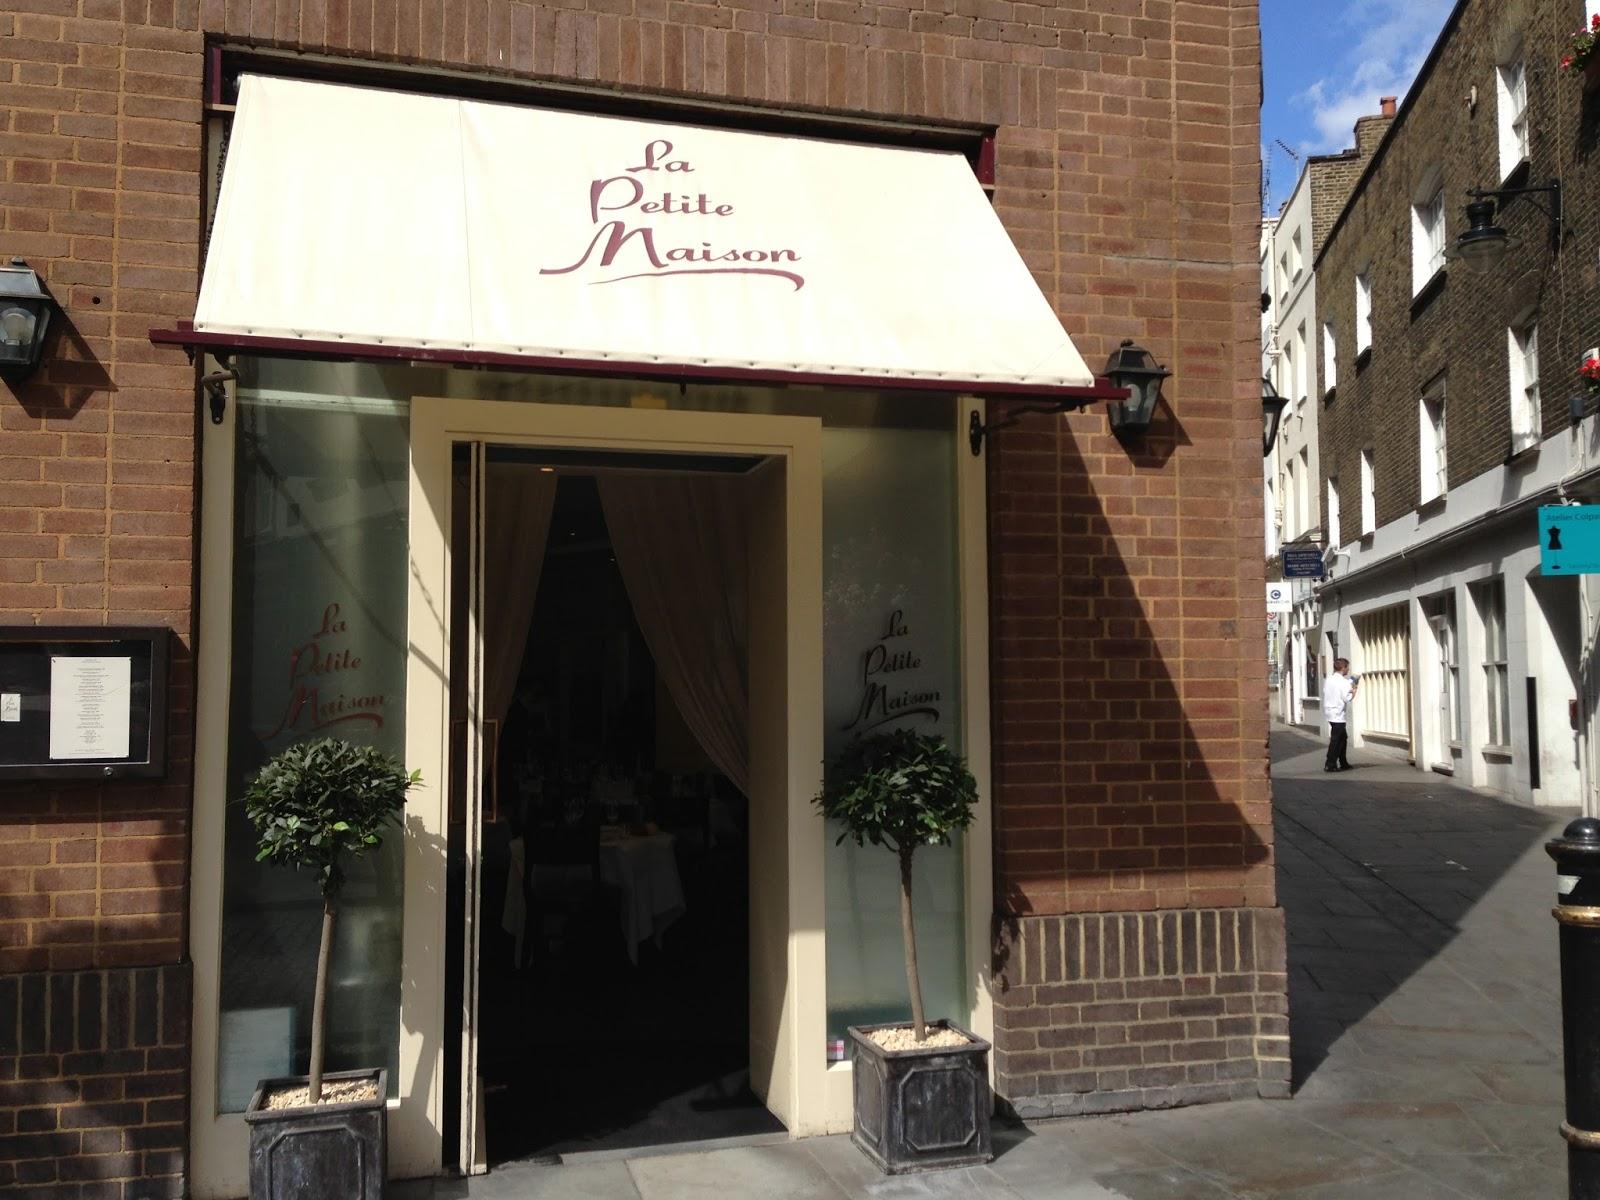 La petite maison mayfair london luxury travel review for Maison london